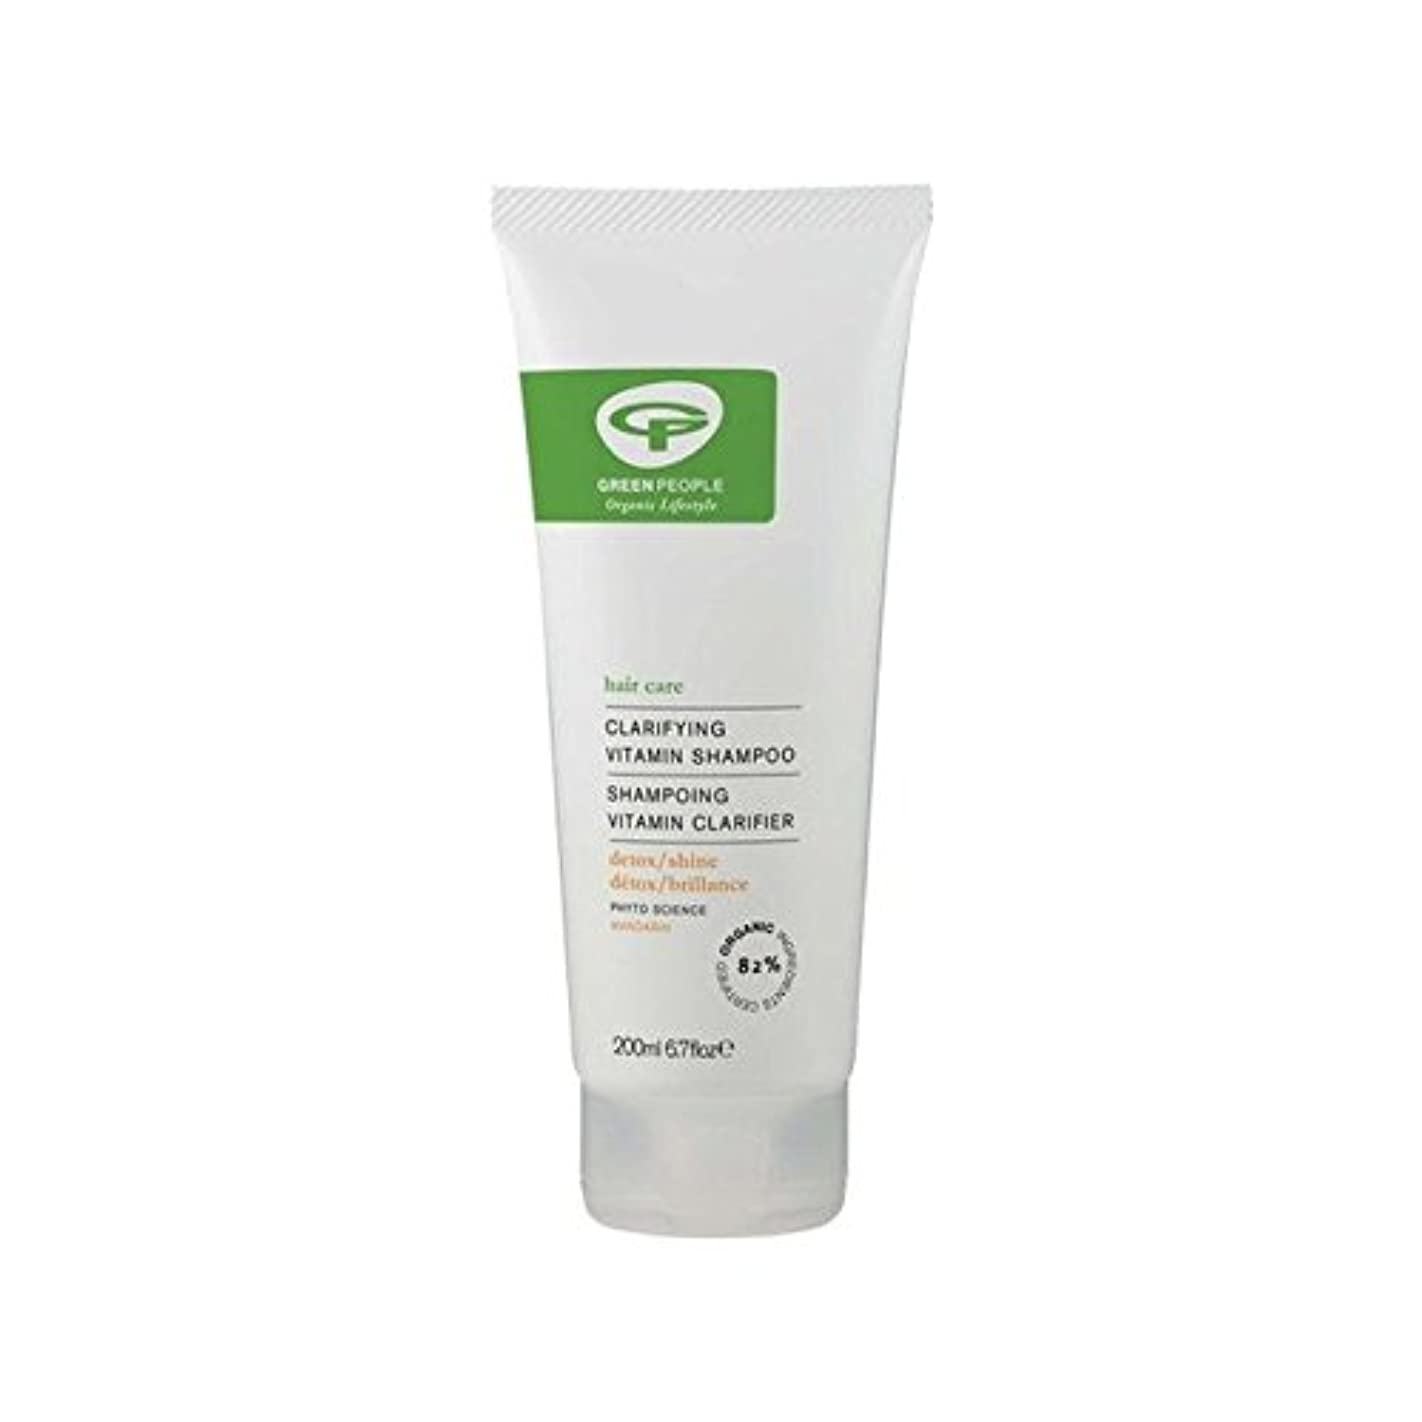 緑の人々のビタミンシャンプー(200ミリリットル) x4 - Green People Vitamin Shampoo (200ml) (Pack of 4) [並行輸入品]